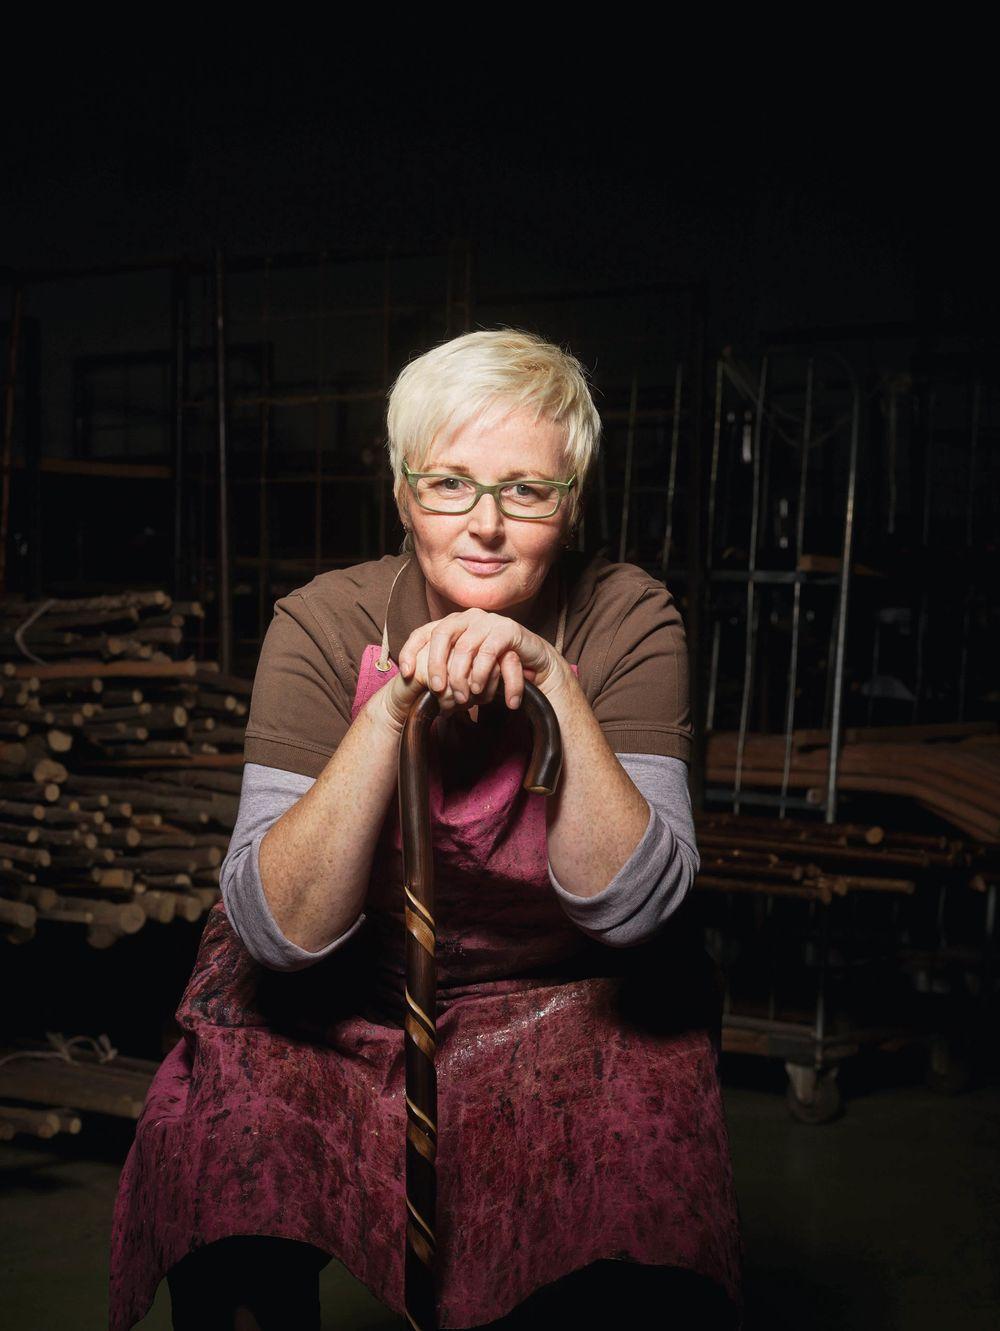 Evelyn Erk, Endkontrolle und Konfektionierung